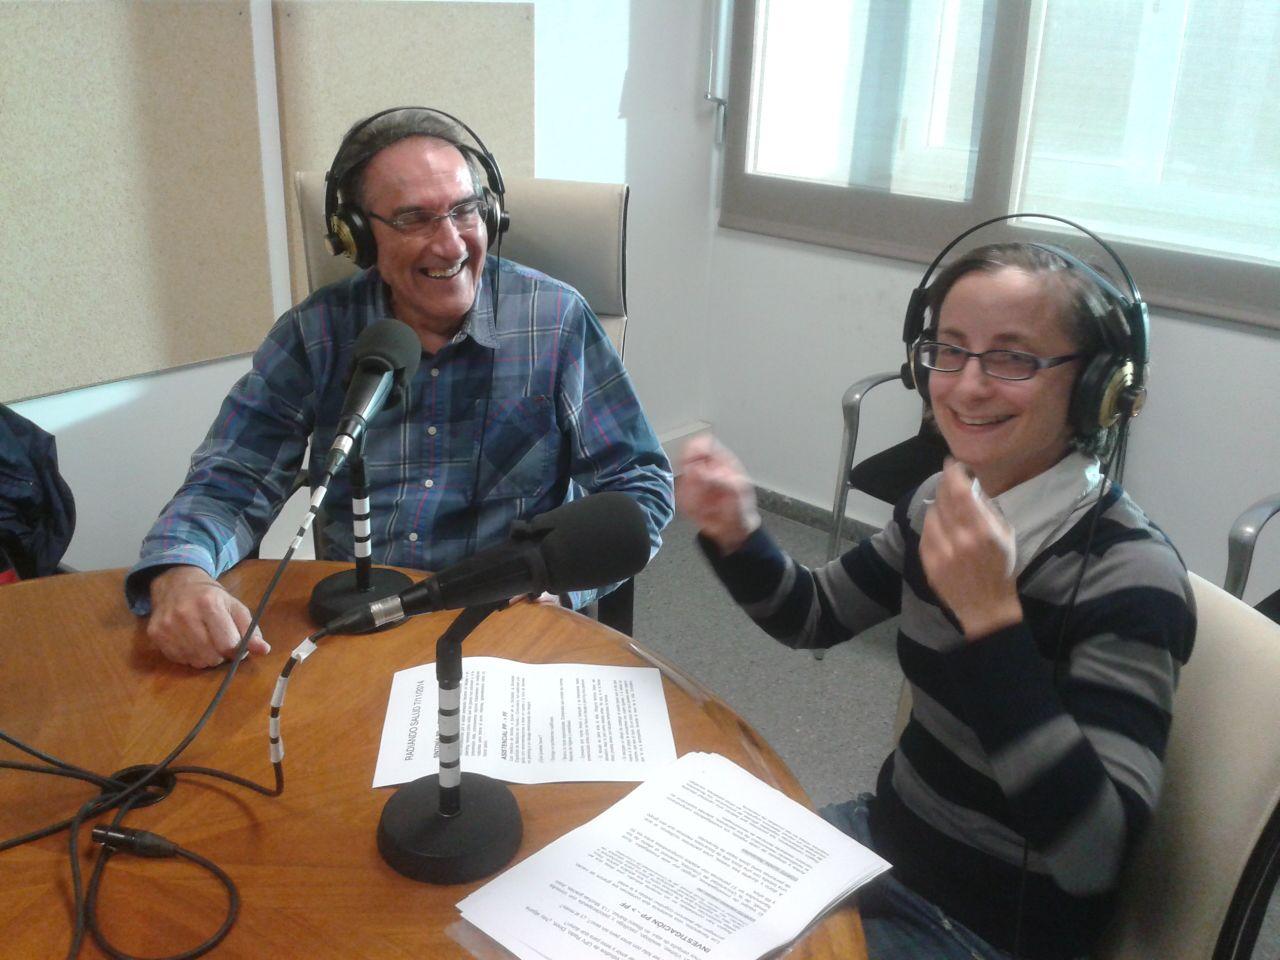 """Salud Sexual-Entrevistas a Joan Vílchez-PSICÓLOGO–SEXÓLOGO-PSICOTERAPEUTA – Valencia, por Vanessa Garzón en """"Radiando Salud"""" de UPV Radio-102.5 FM-FOTO"""